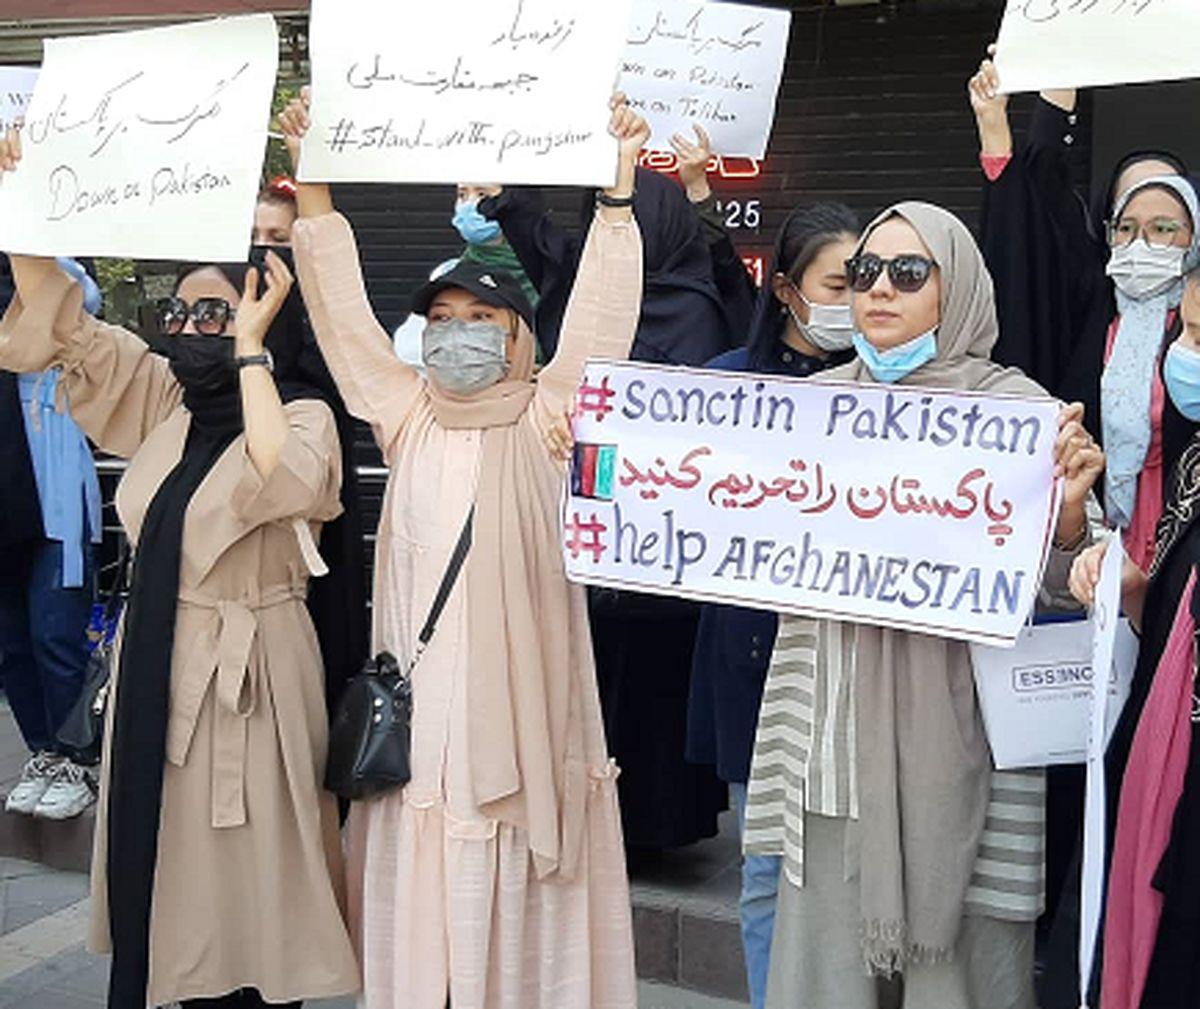 تجمع افغانستانی ها در مشهد و تهران| به حمایت یا علیه طالبان؟